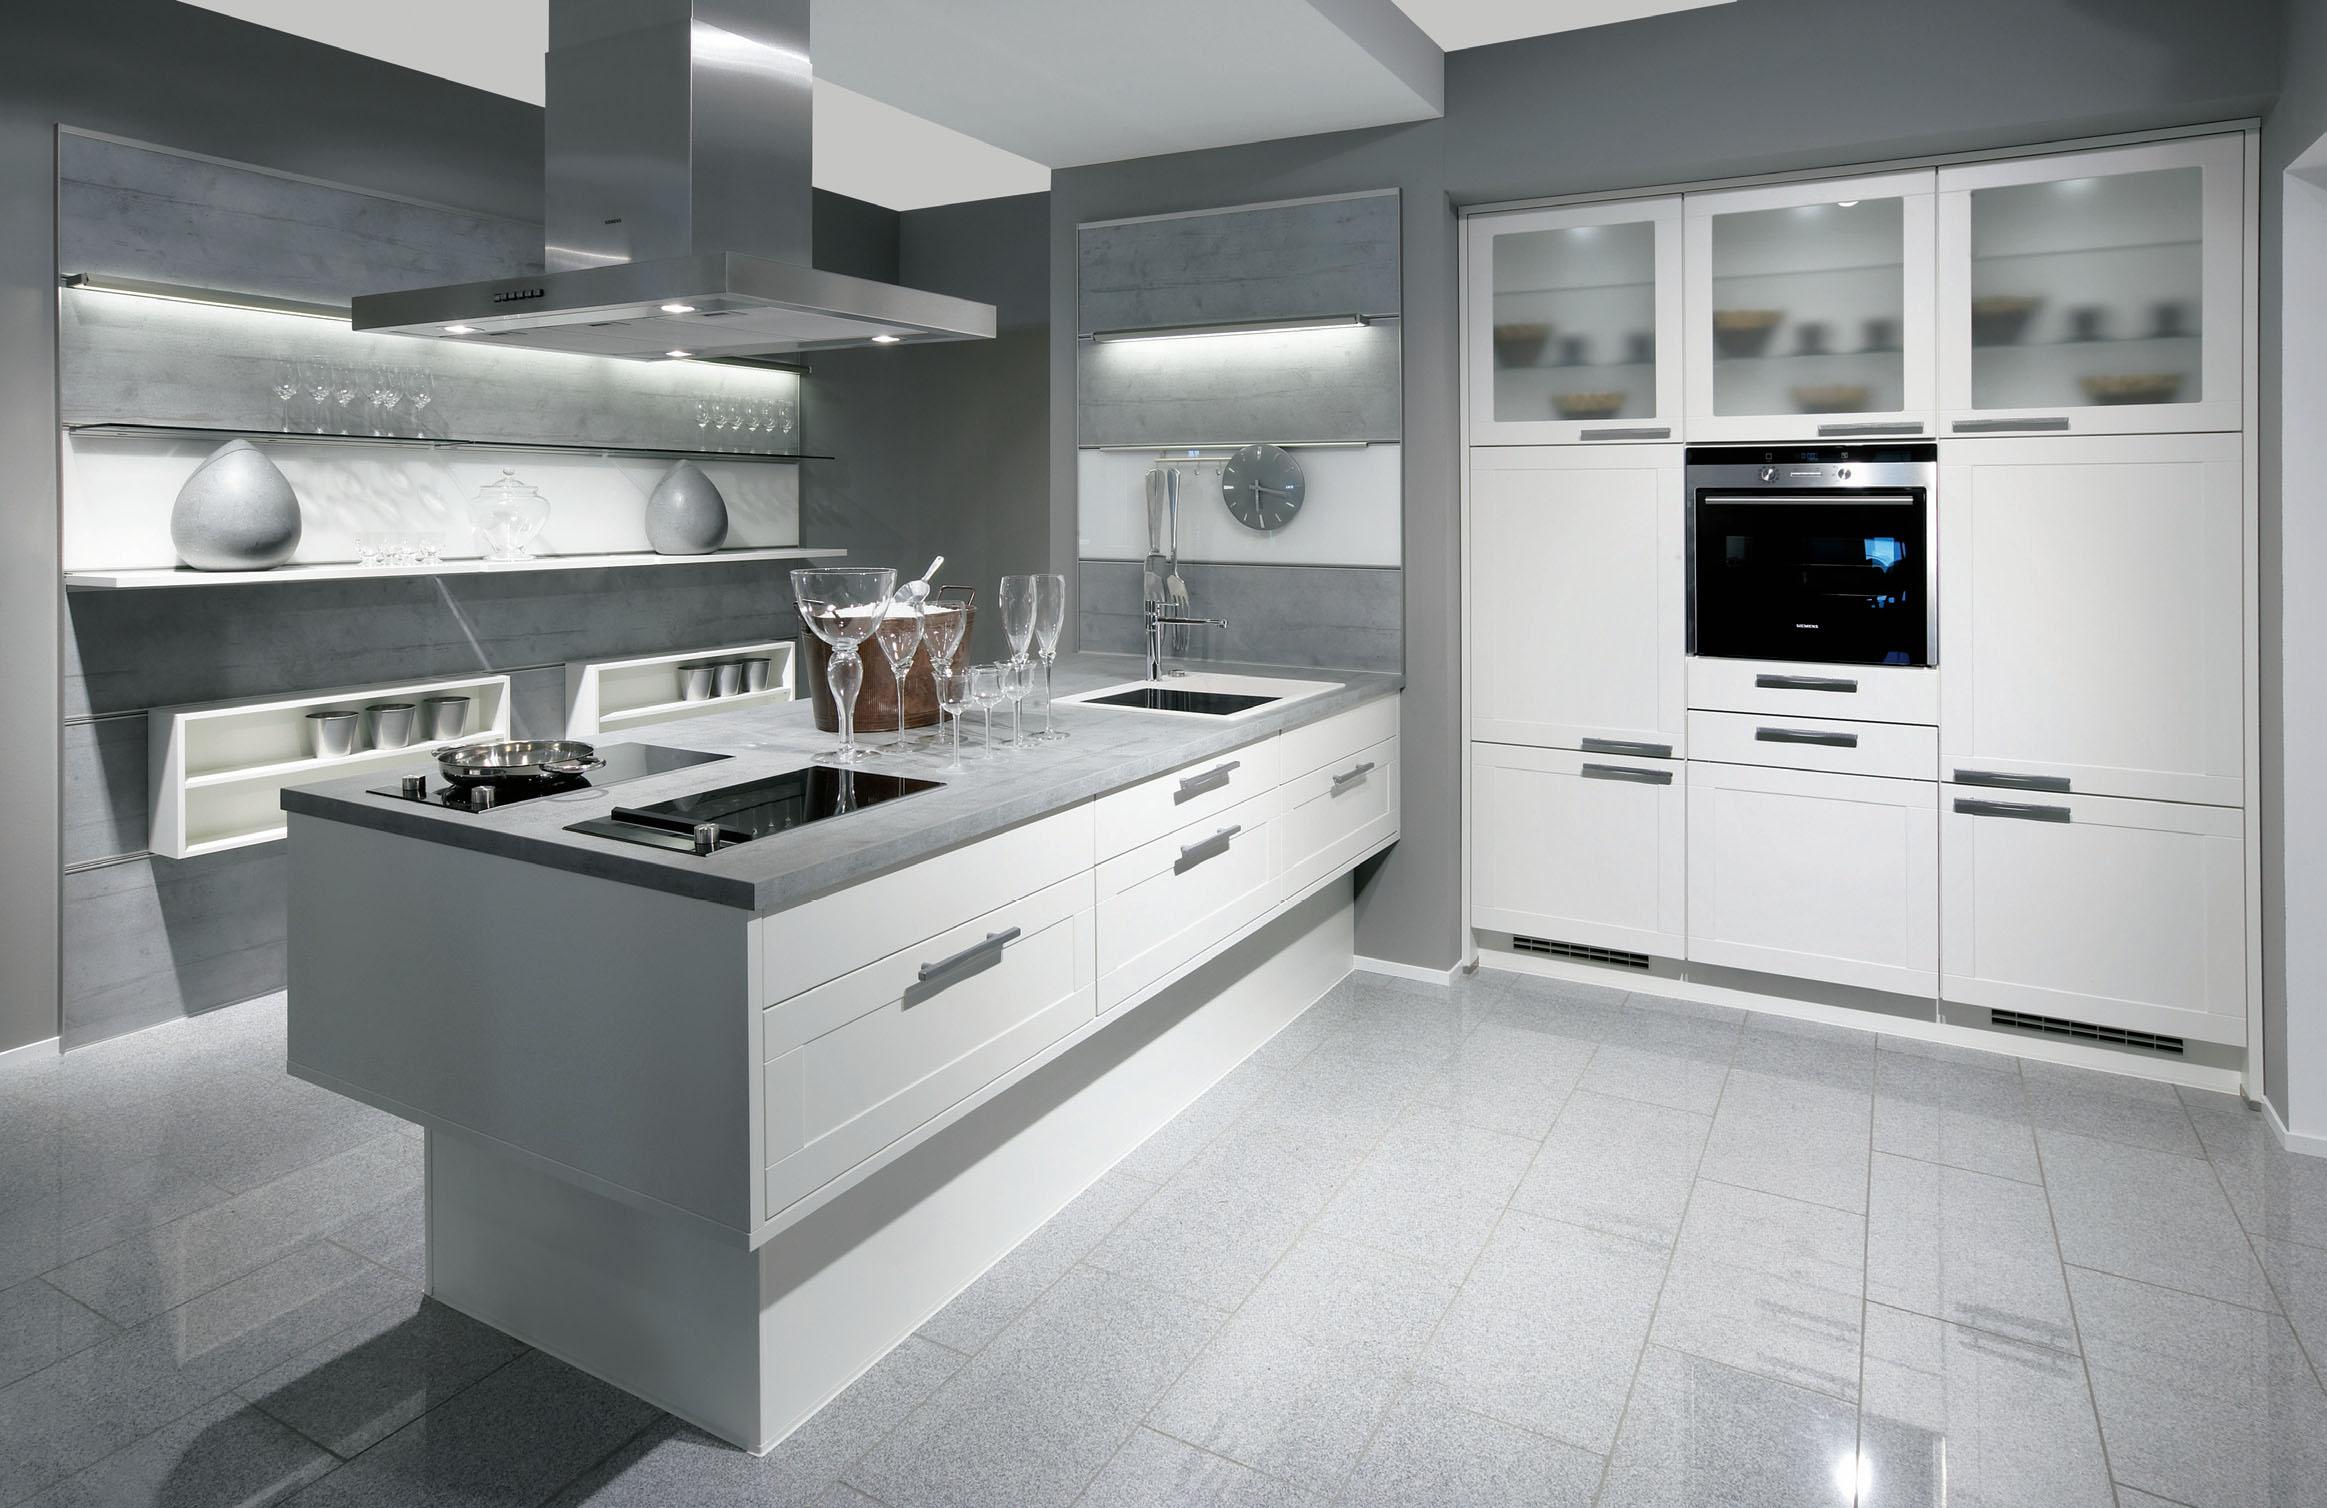 Diseno En Cocinas - Diseños Arquitectónicos - Mimasku.com